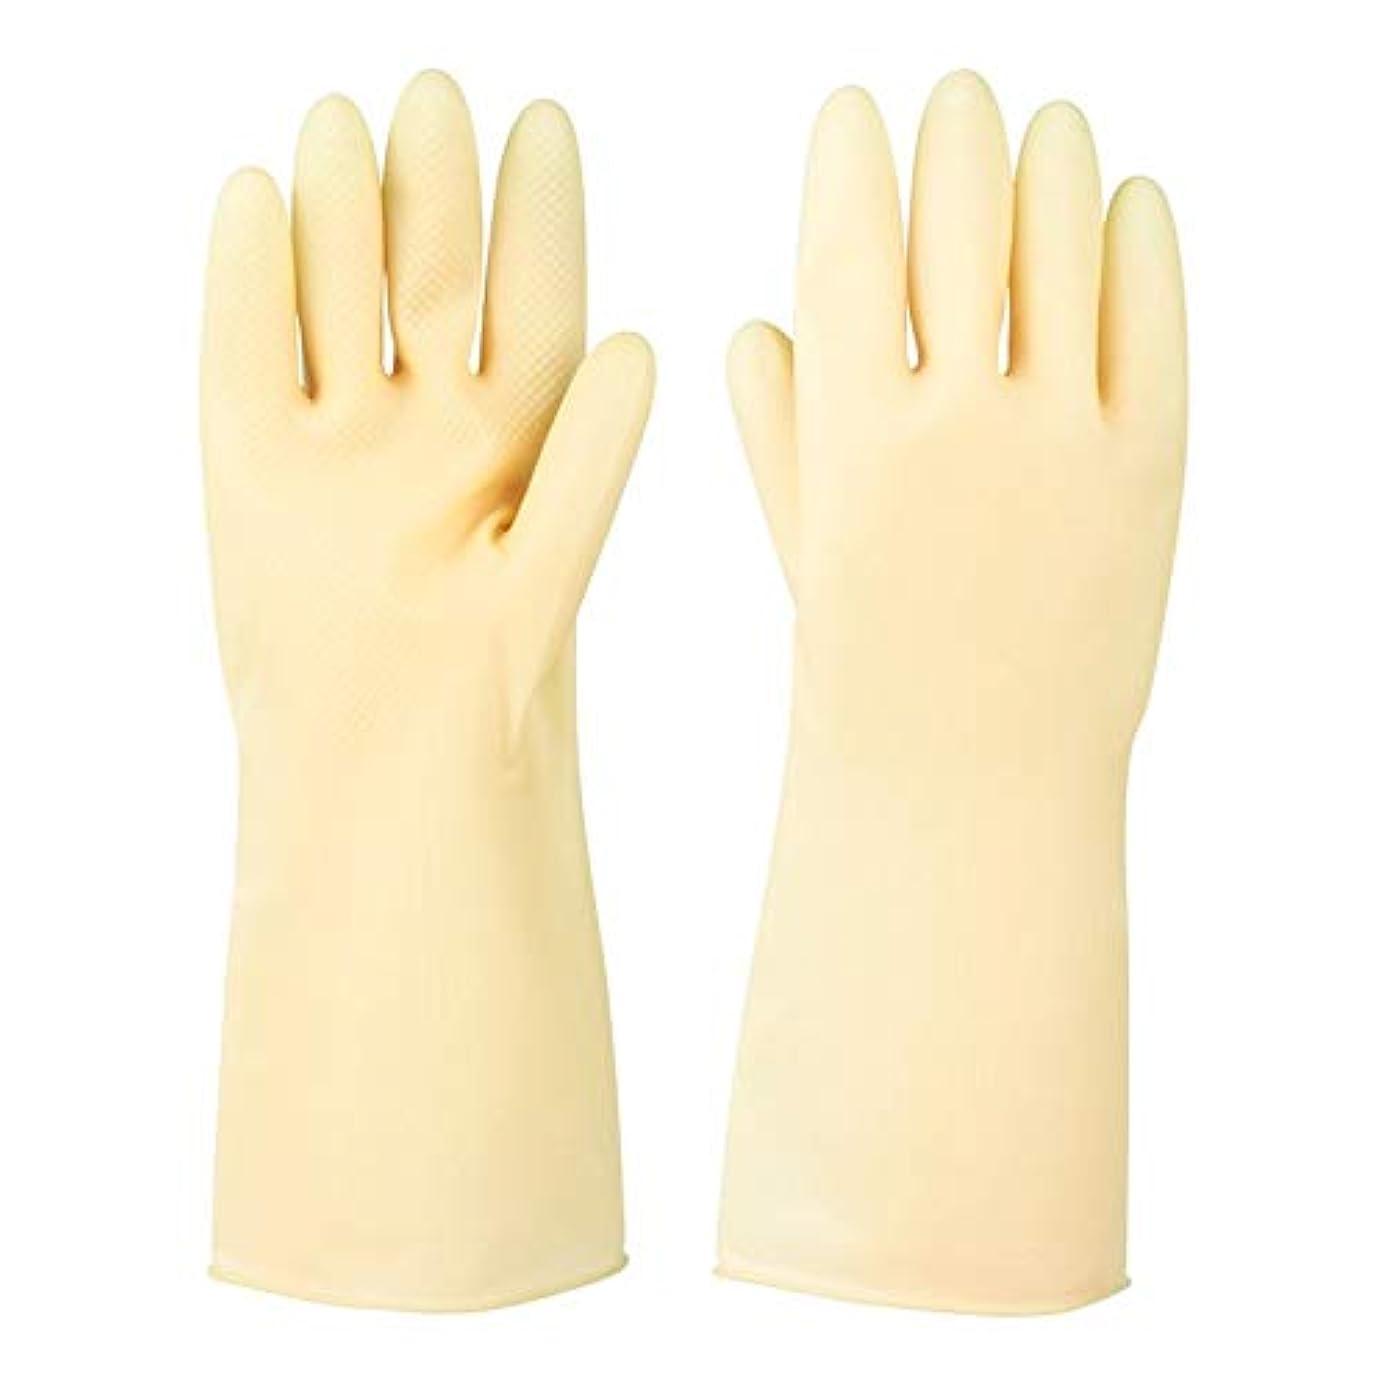 してはいけません絶望的な君主ニトリルゴム手袋 ラバーレザーグローブ厚めの滑り止め耐摩耗性防水保護手袋、5ペア 使い捨て手袋 (Color : 5 pair, Size : S)